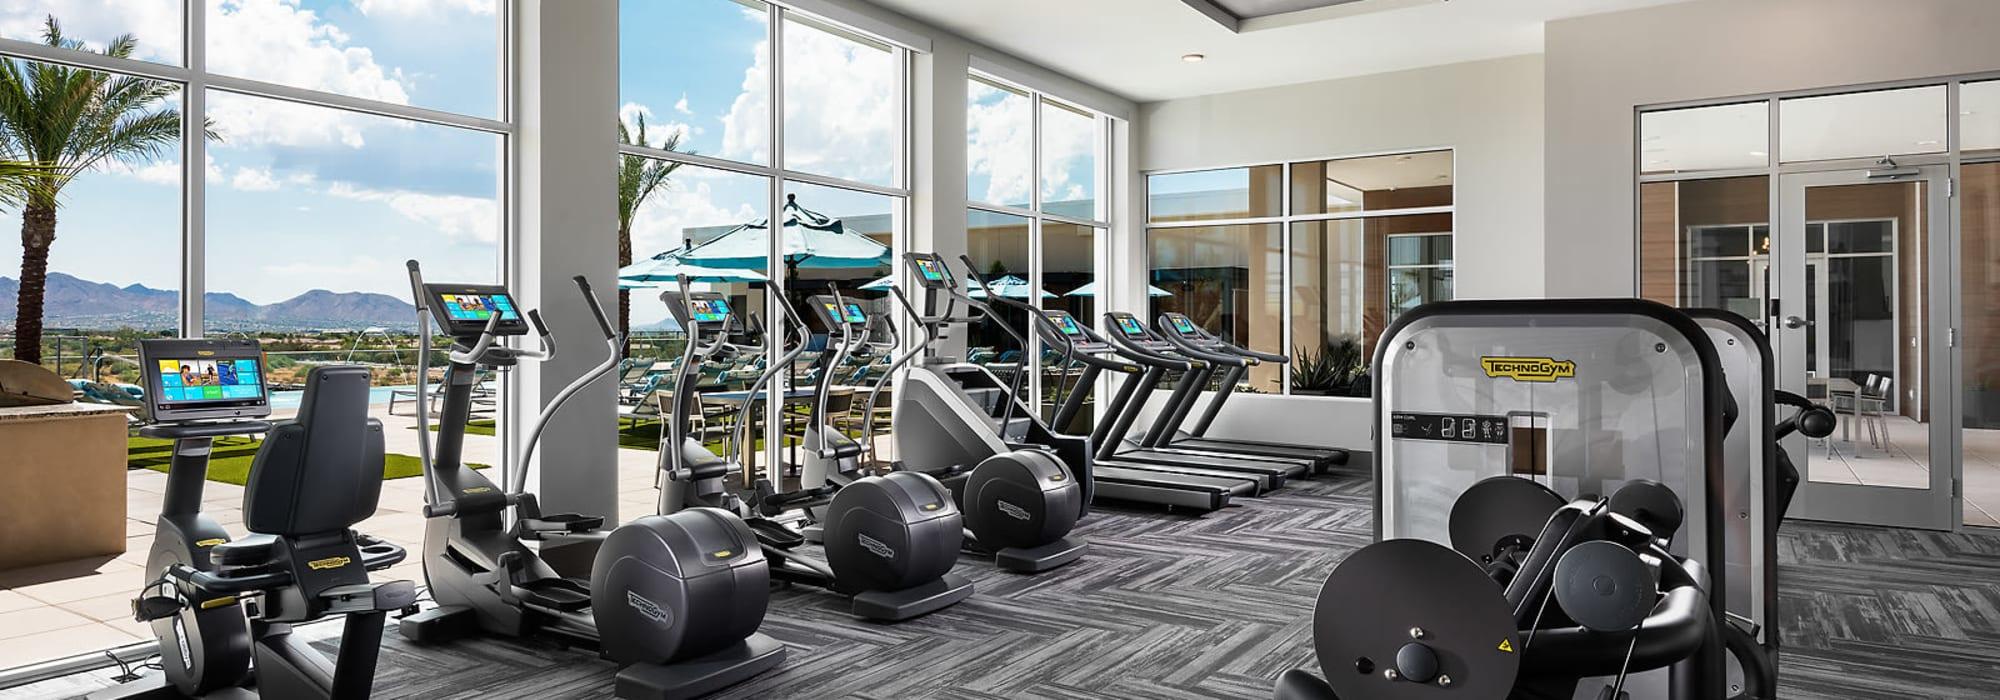 Gym at The Halsten at Chauncey Lane in Scottsdale, Arizona